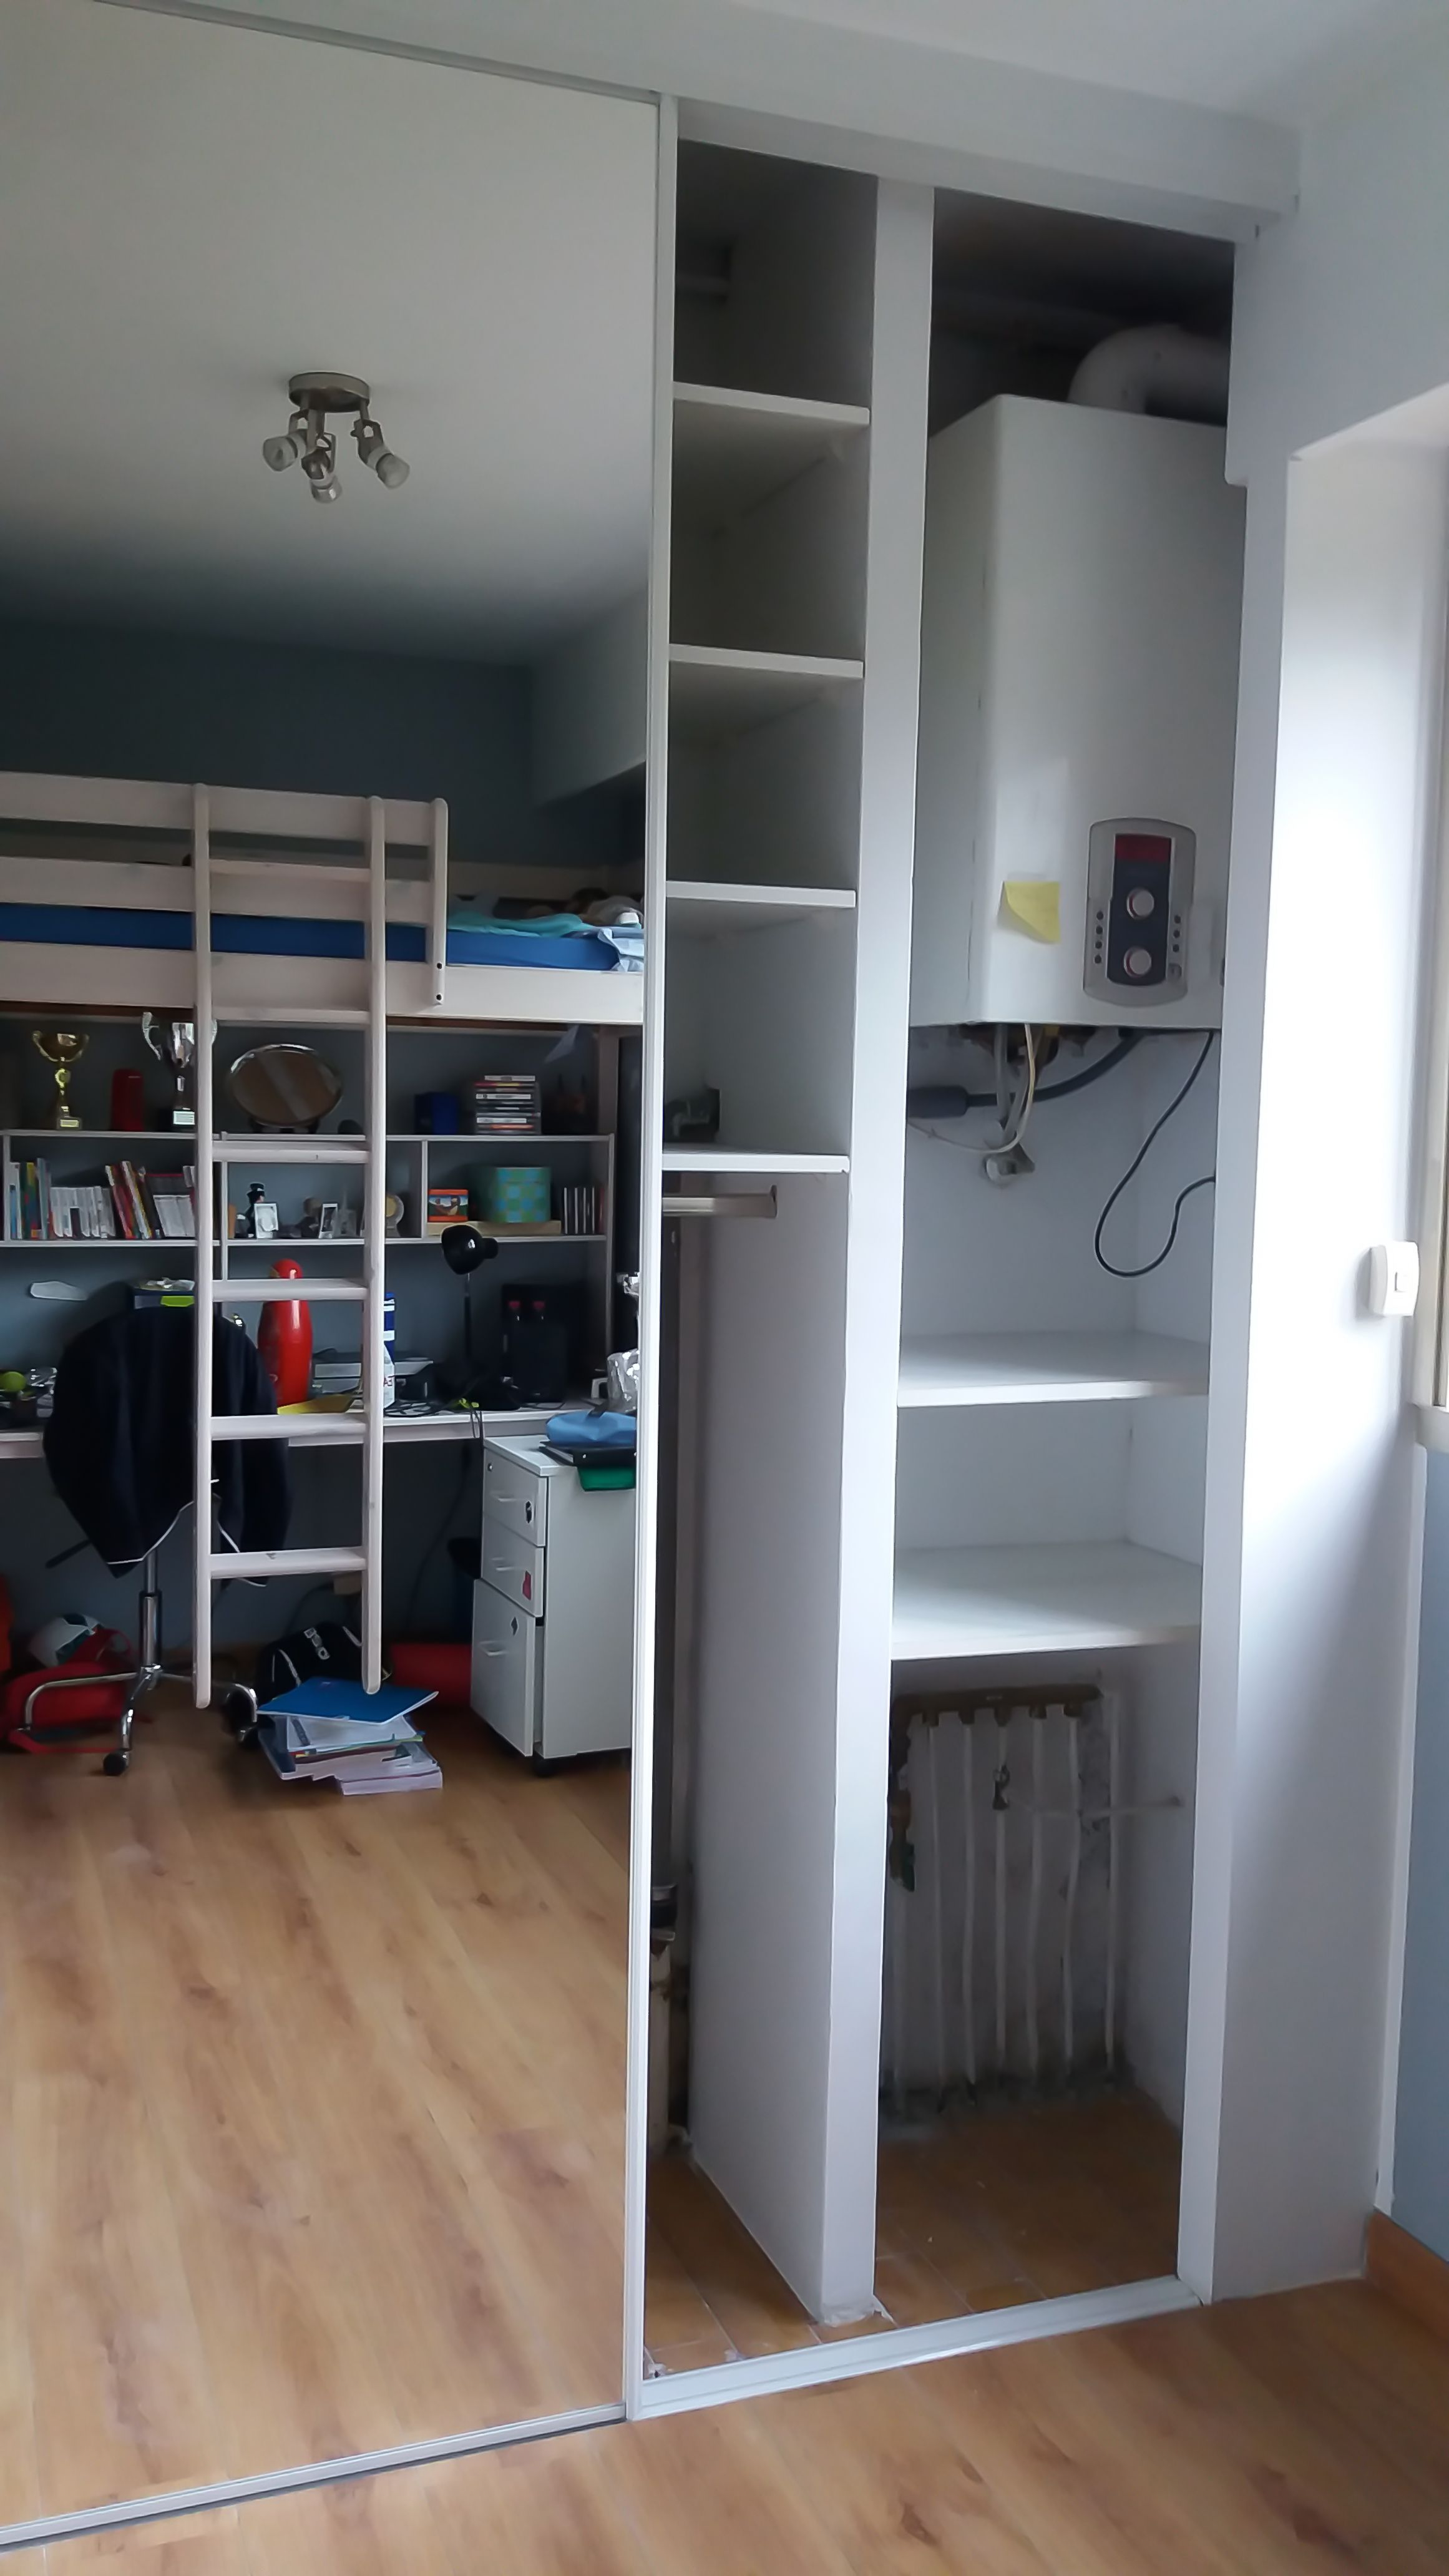 cloison en carreaux de pl tre construite pour cr er un nouveau placard applications de placo. Black Bedroom Furniture Sets. Home Design Ideas